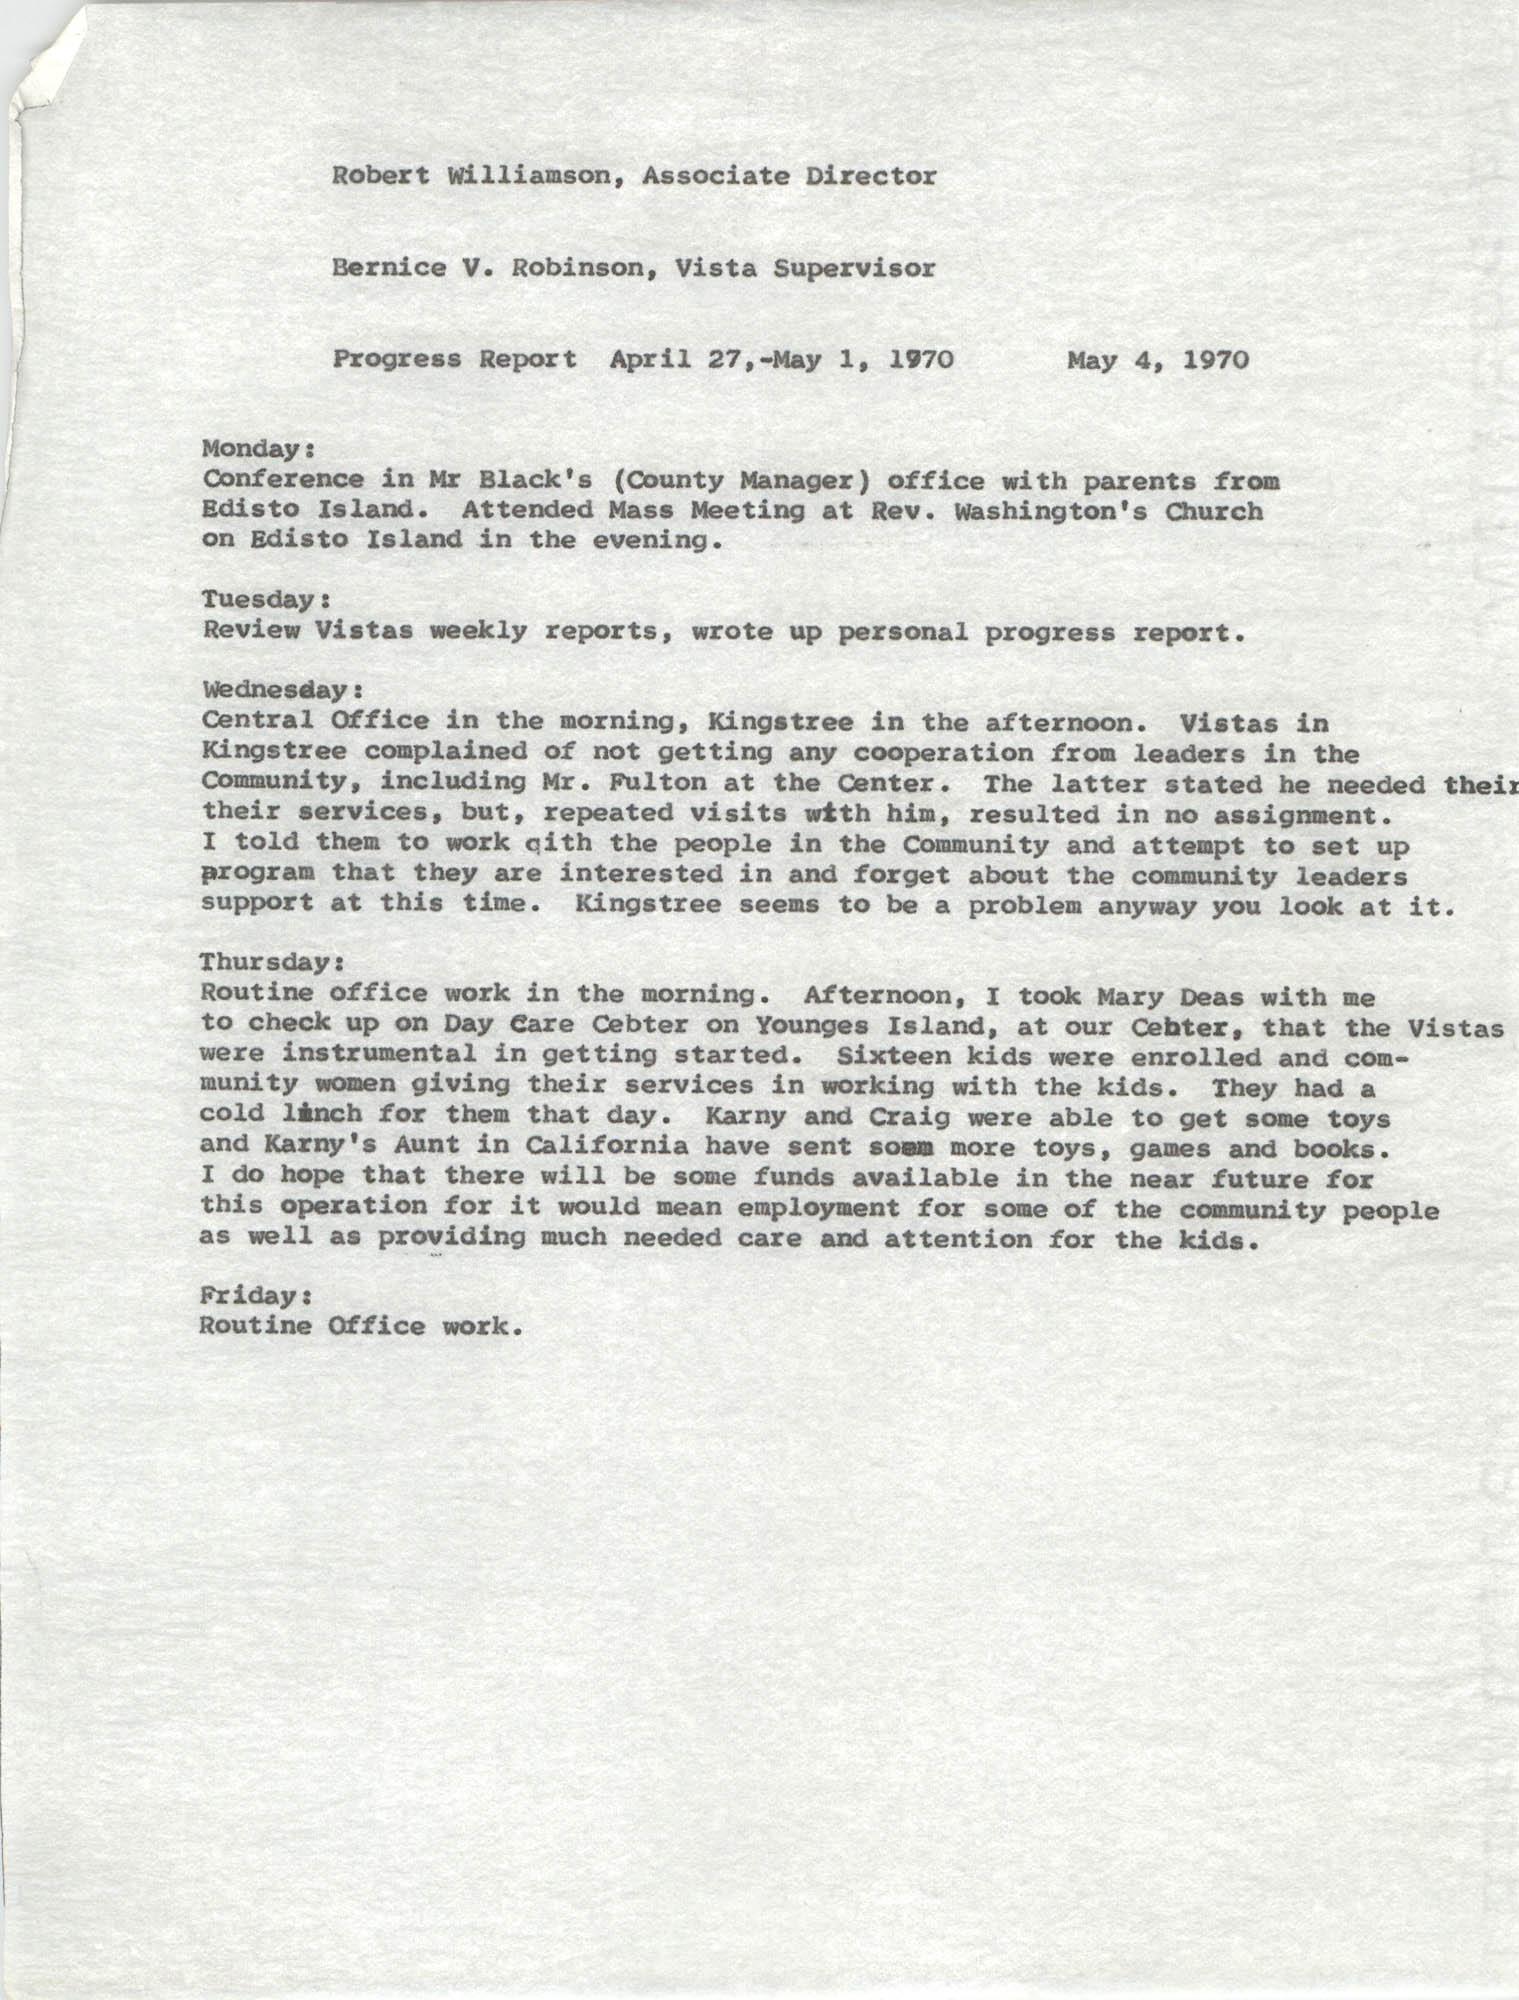 VISTA Progress Report, April 27-May 1, 1970